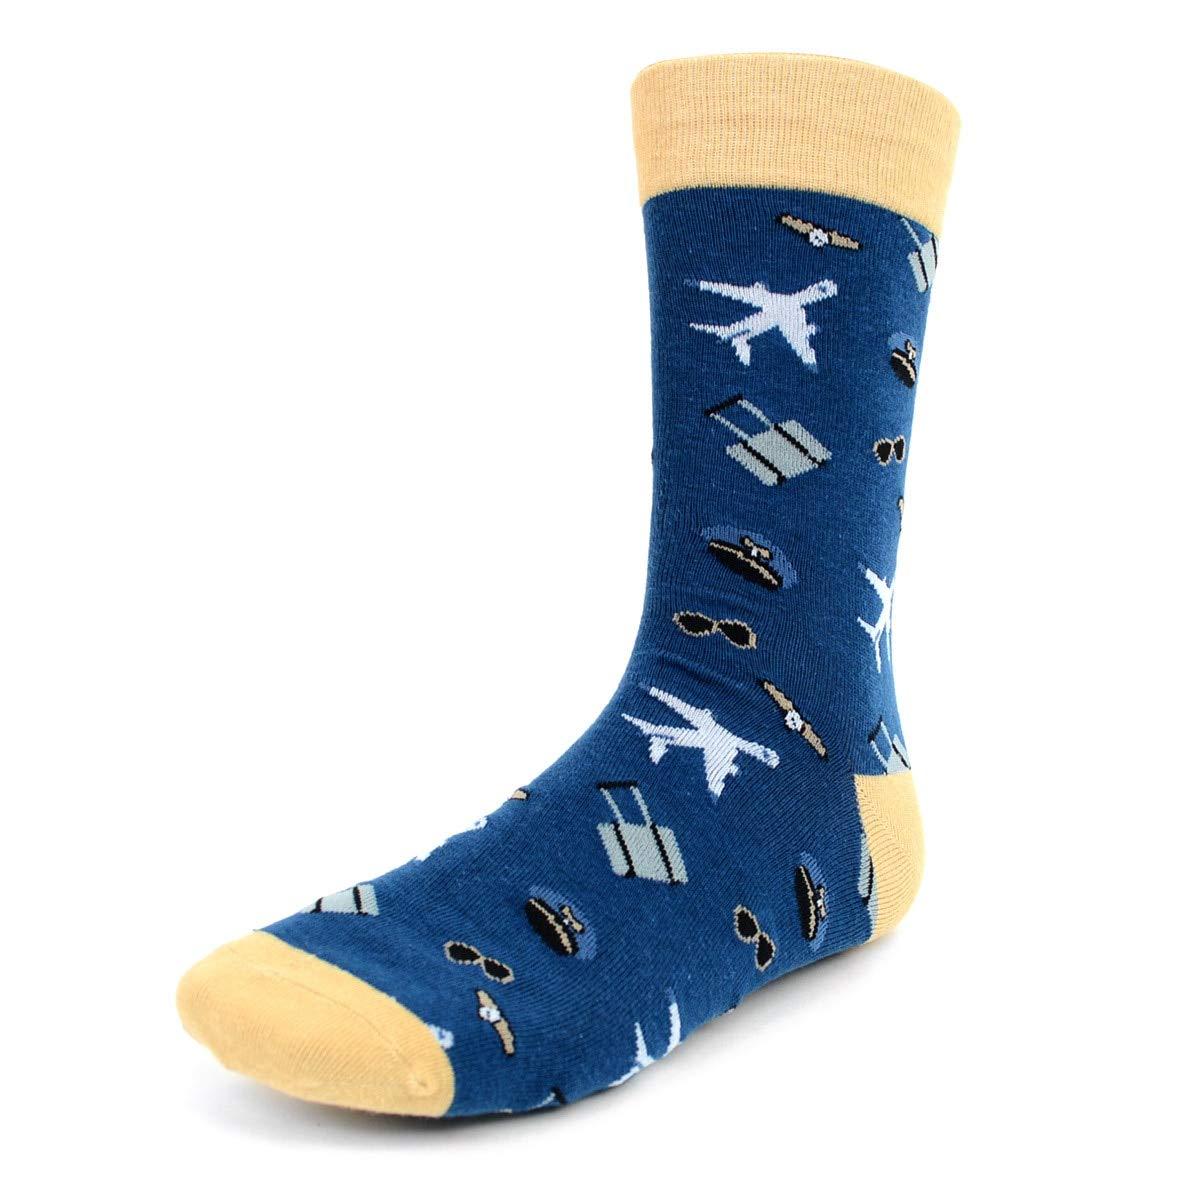 Urban-Peacock Men's Novelty Socks – Multiple Patterns!